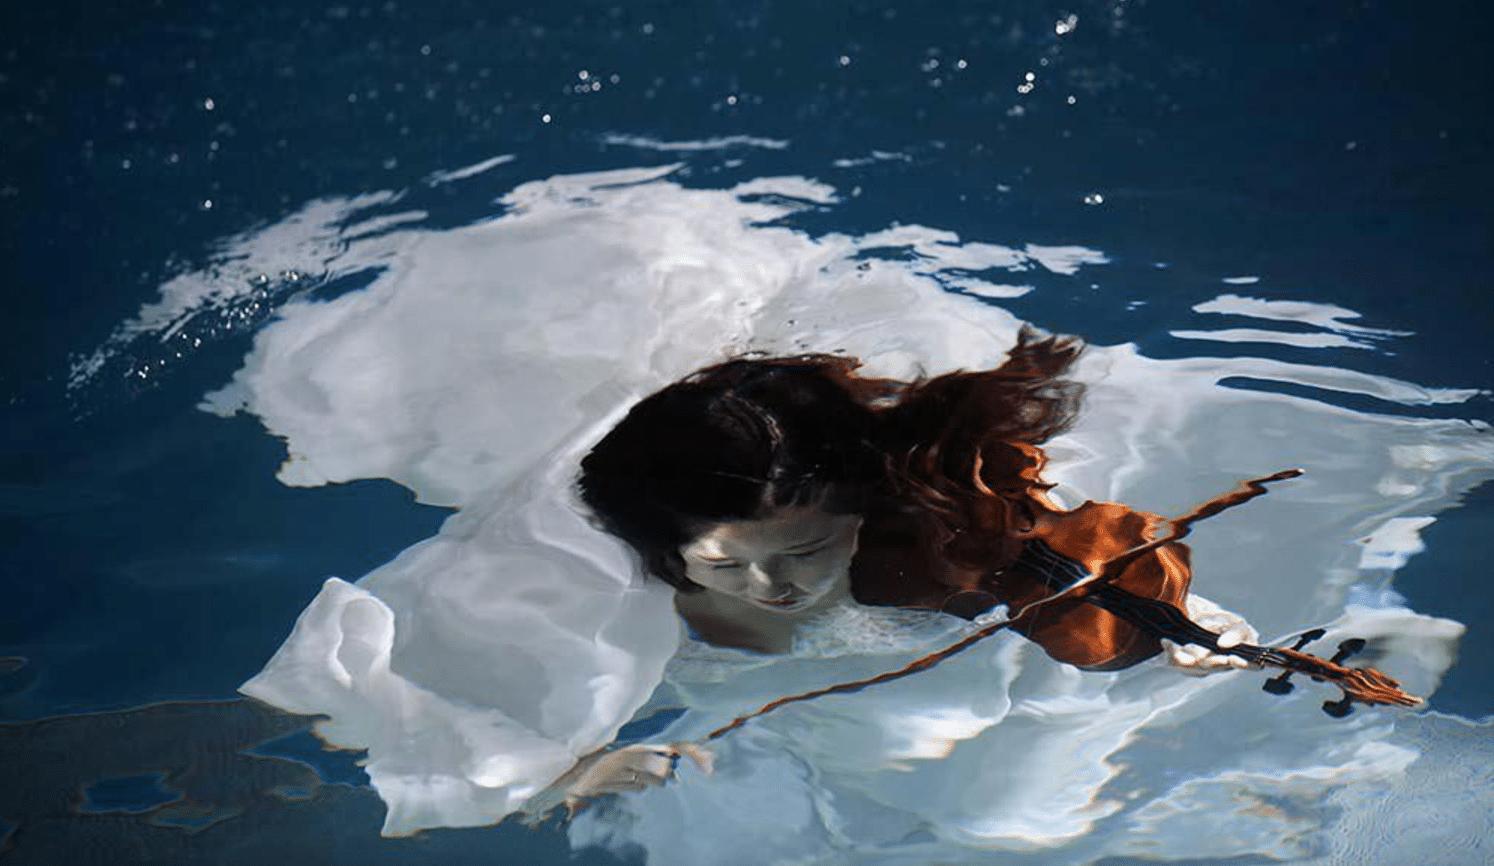 Una sposa cinese si lascia fotografare sott'acqua mentre finge di suonare un violino